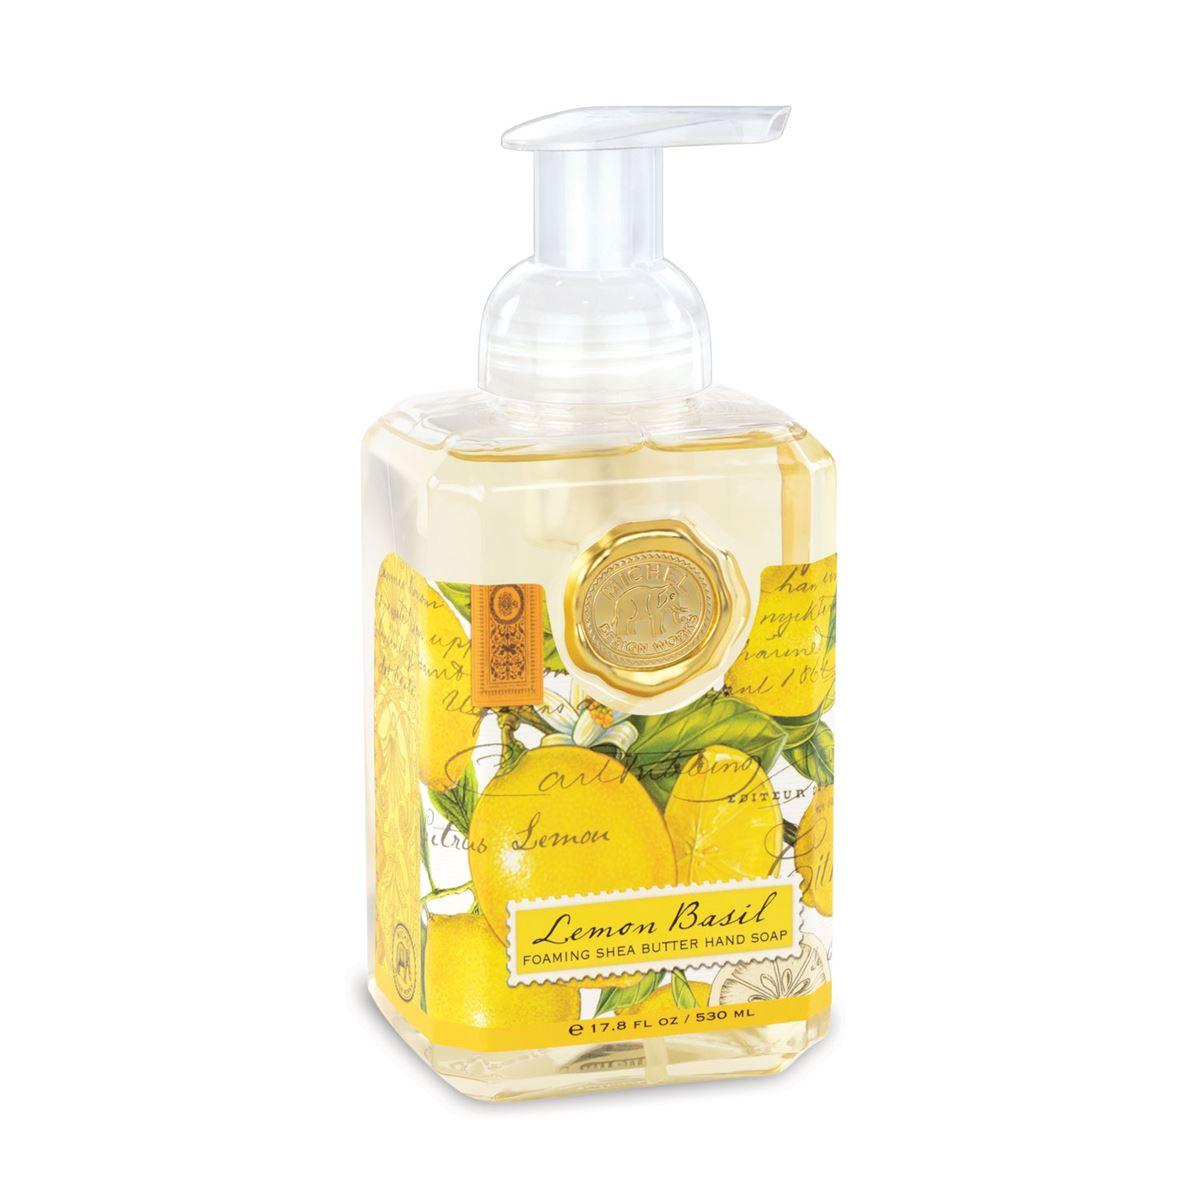 Lemon Basil Seifenschaumspender